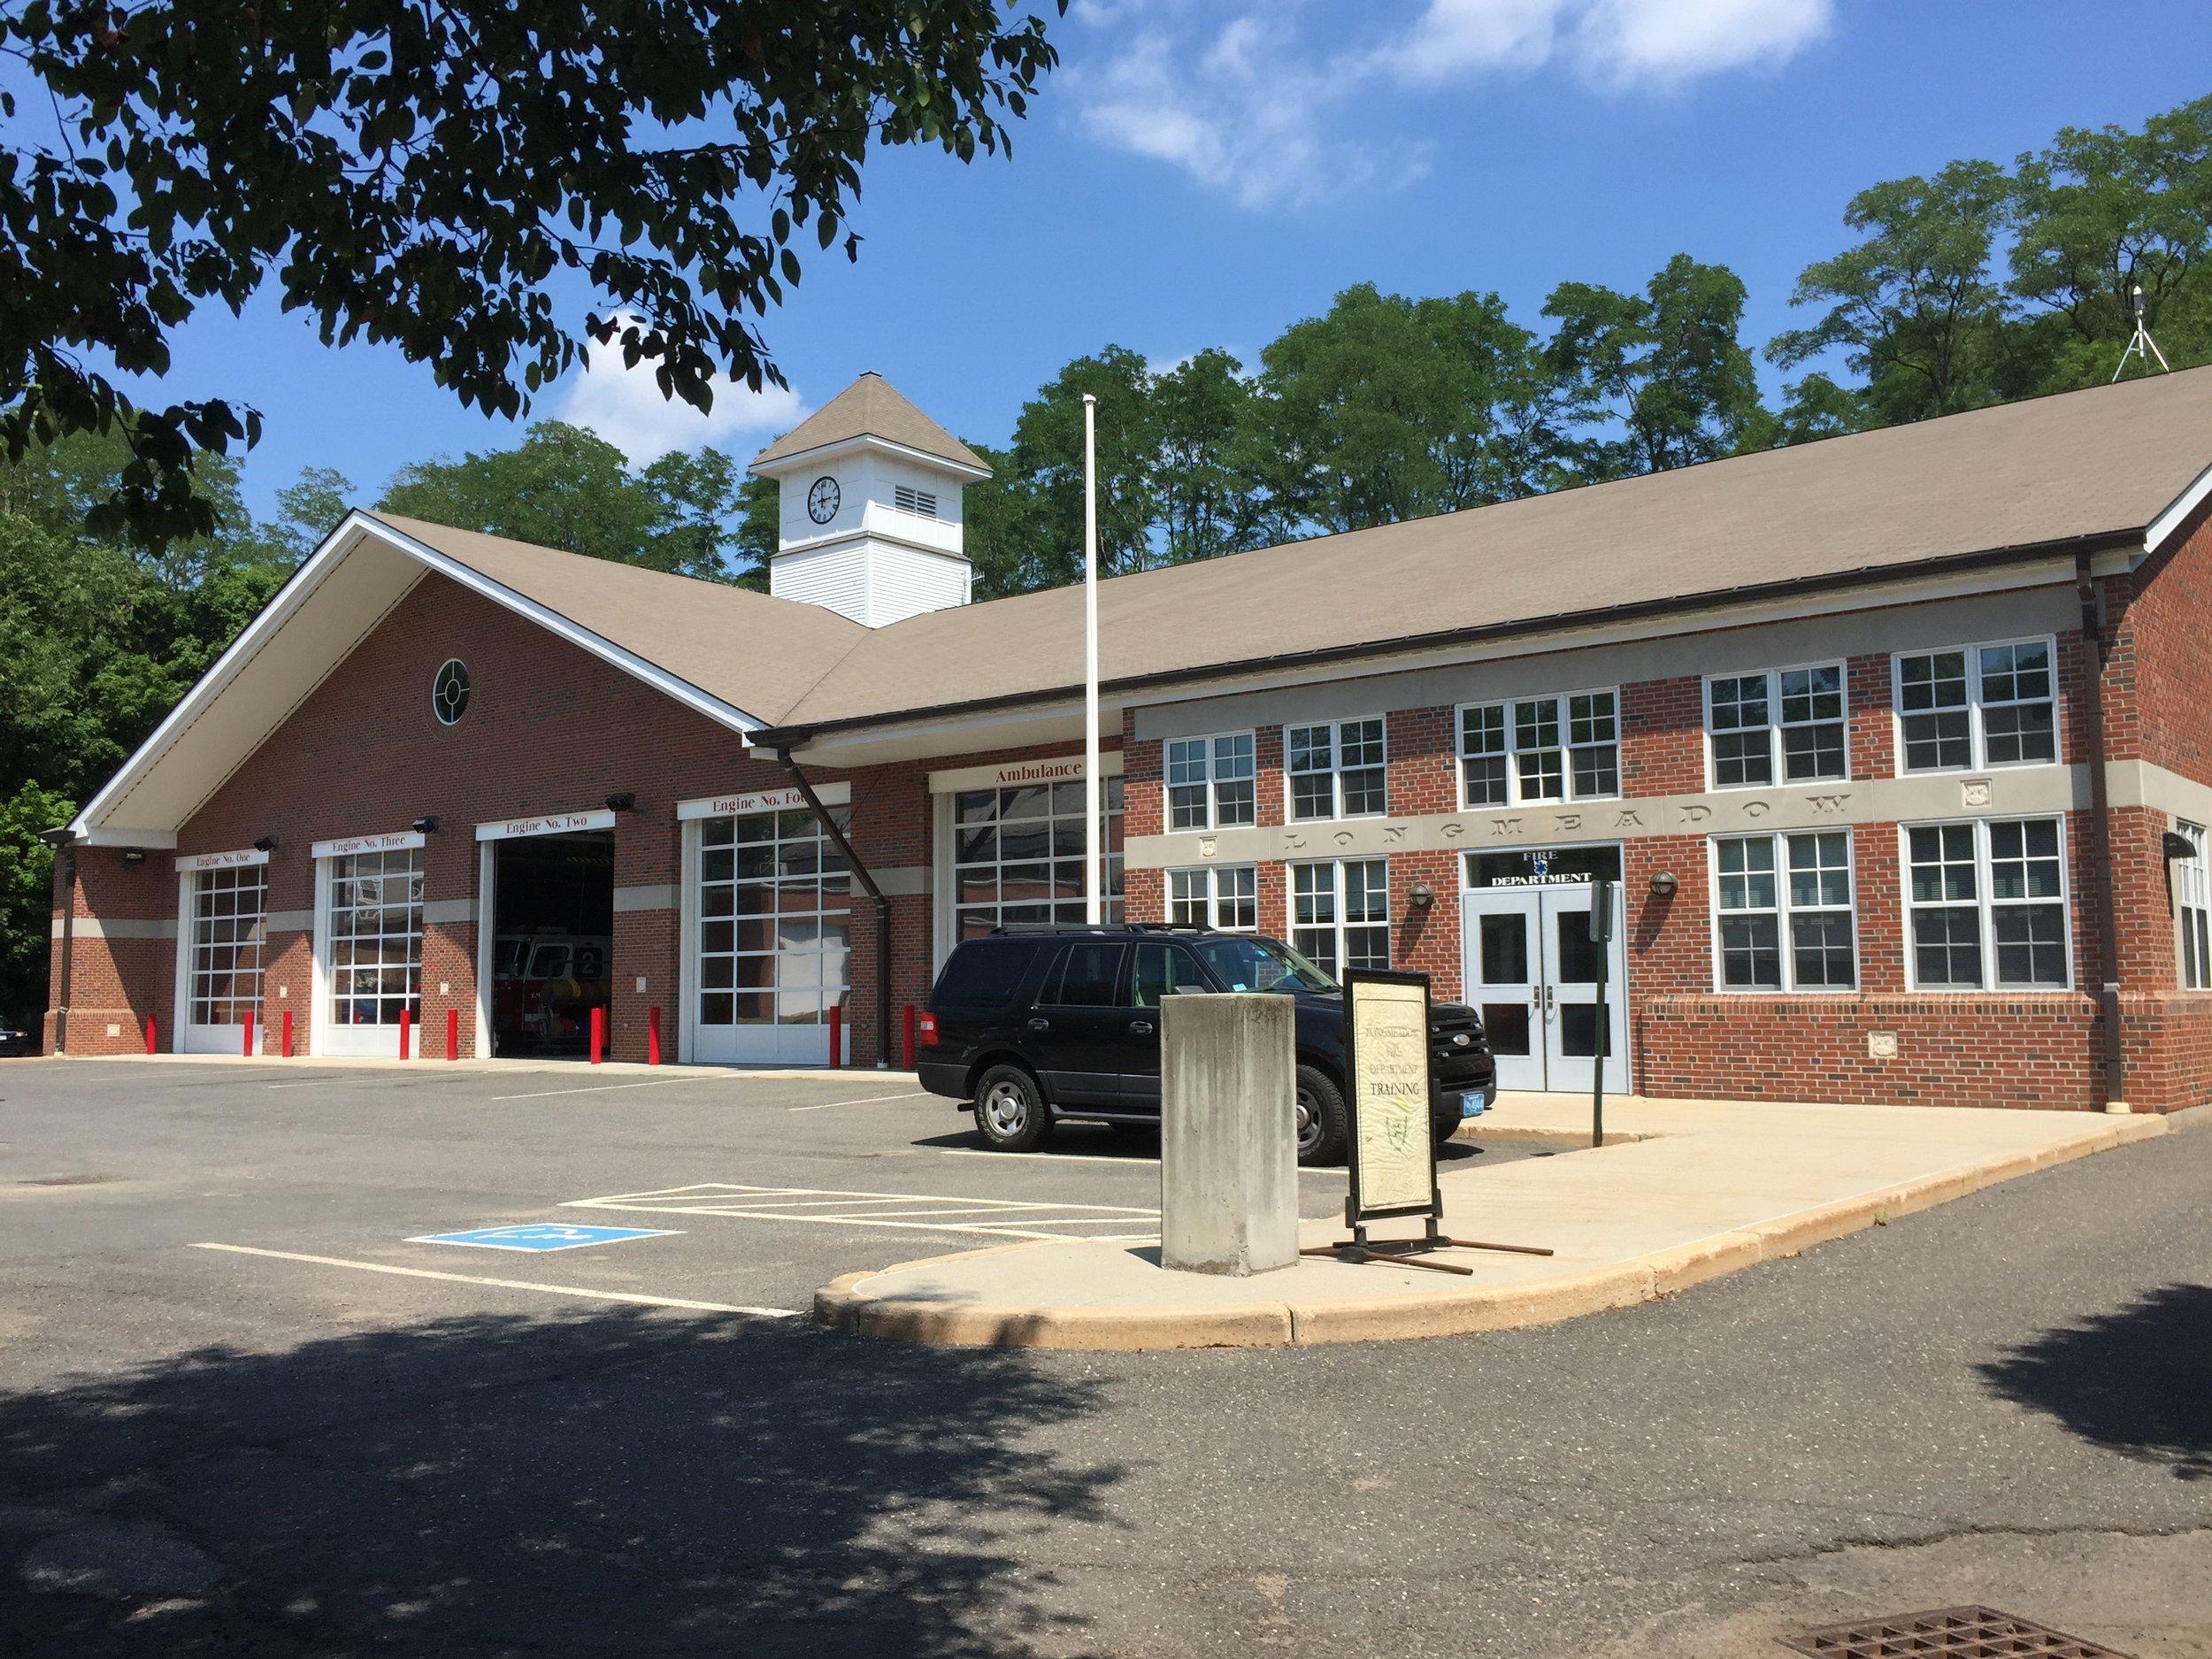 Longmeadow Fire Station Longmeadow MA